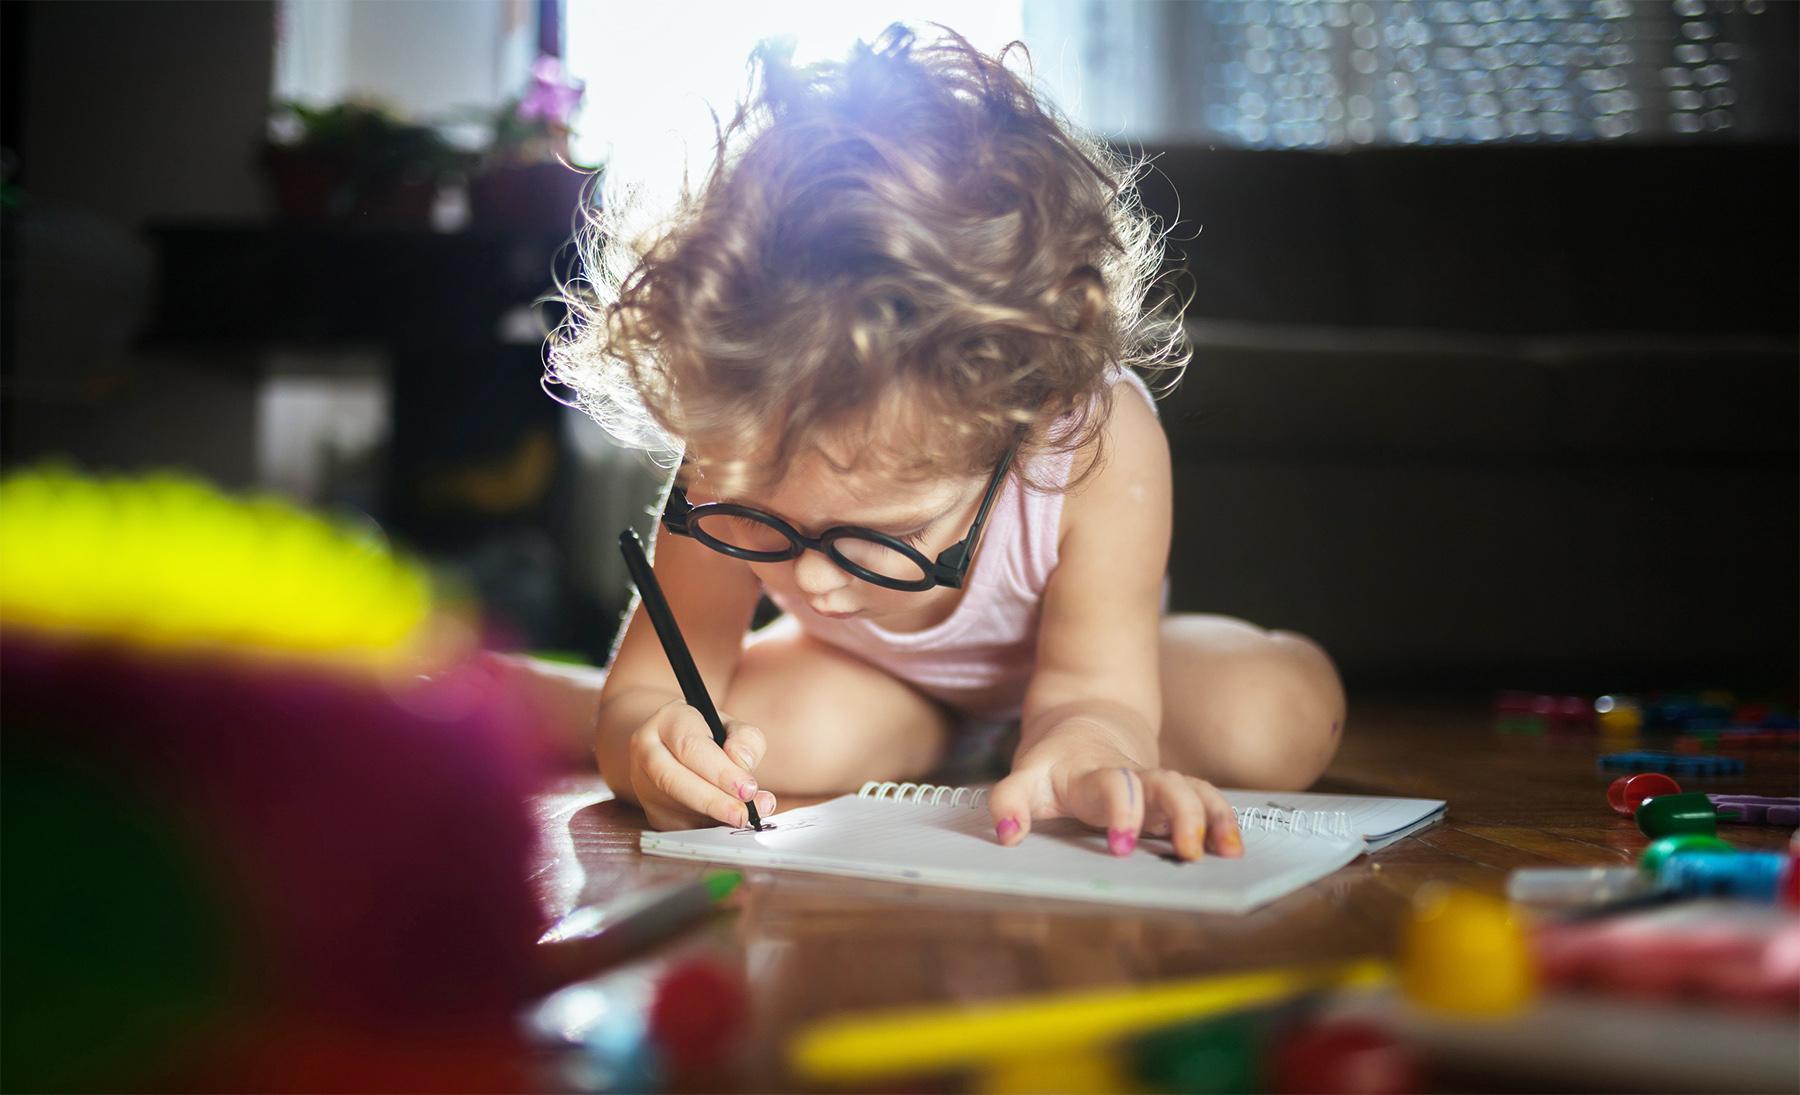 Nauka rysowania dla dzieci – jak nauczyć dziecko rysować?